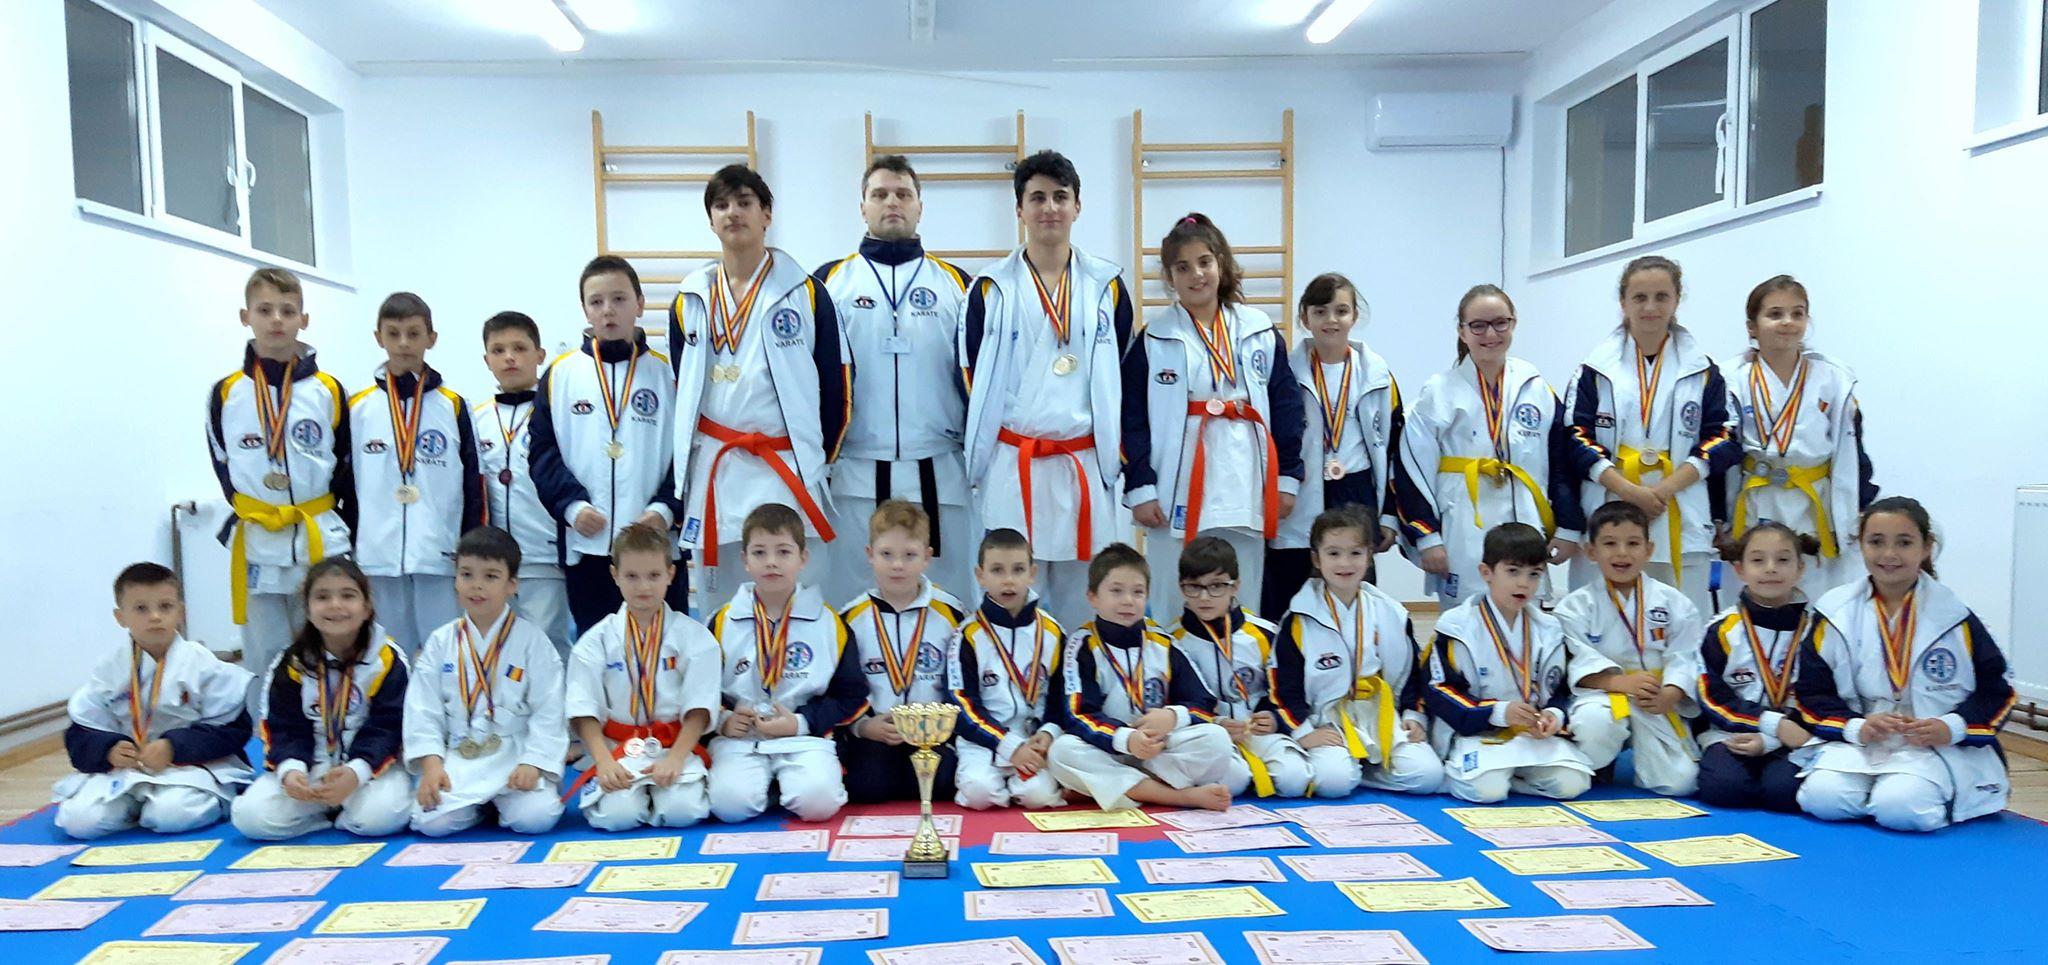 Rezultate notabile pentru clubul ACS SEISHINDOKAN la Campionatul Naţional de Karate pe echipe SKDUN, ediţia 2018